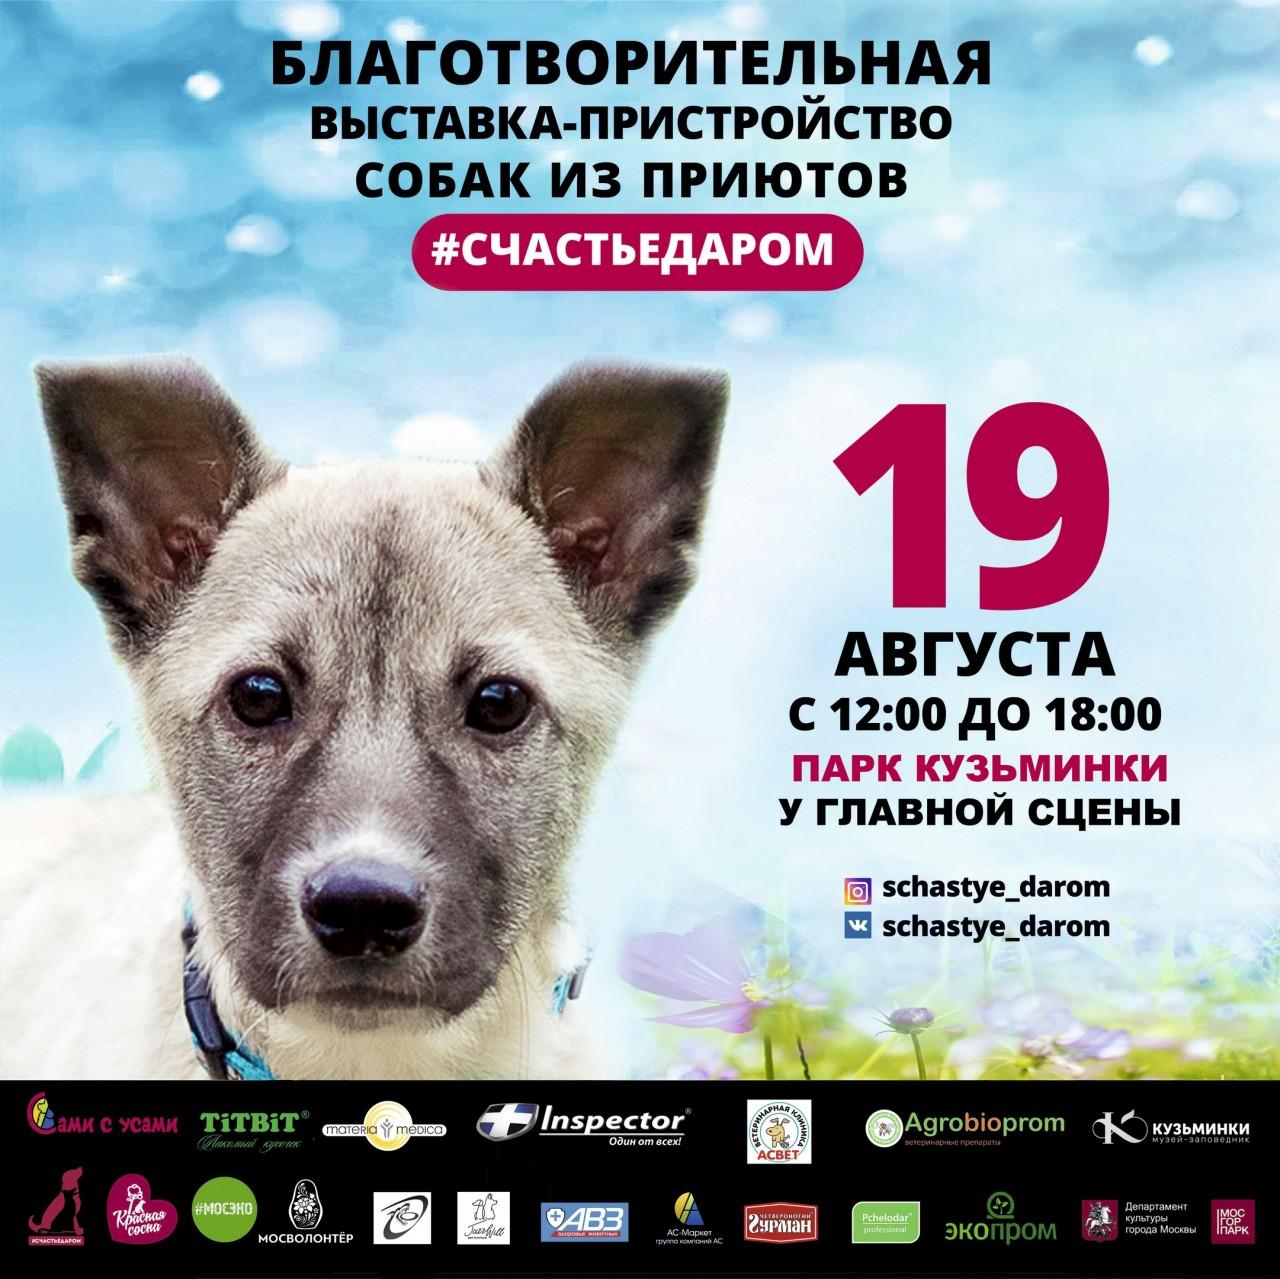 Счастье даром! Выставка-пристрой собак в парке Кузьминки (г. Москва)